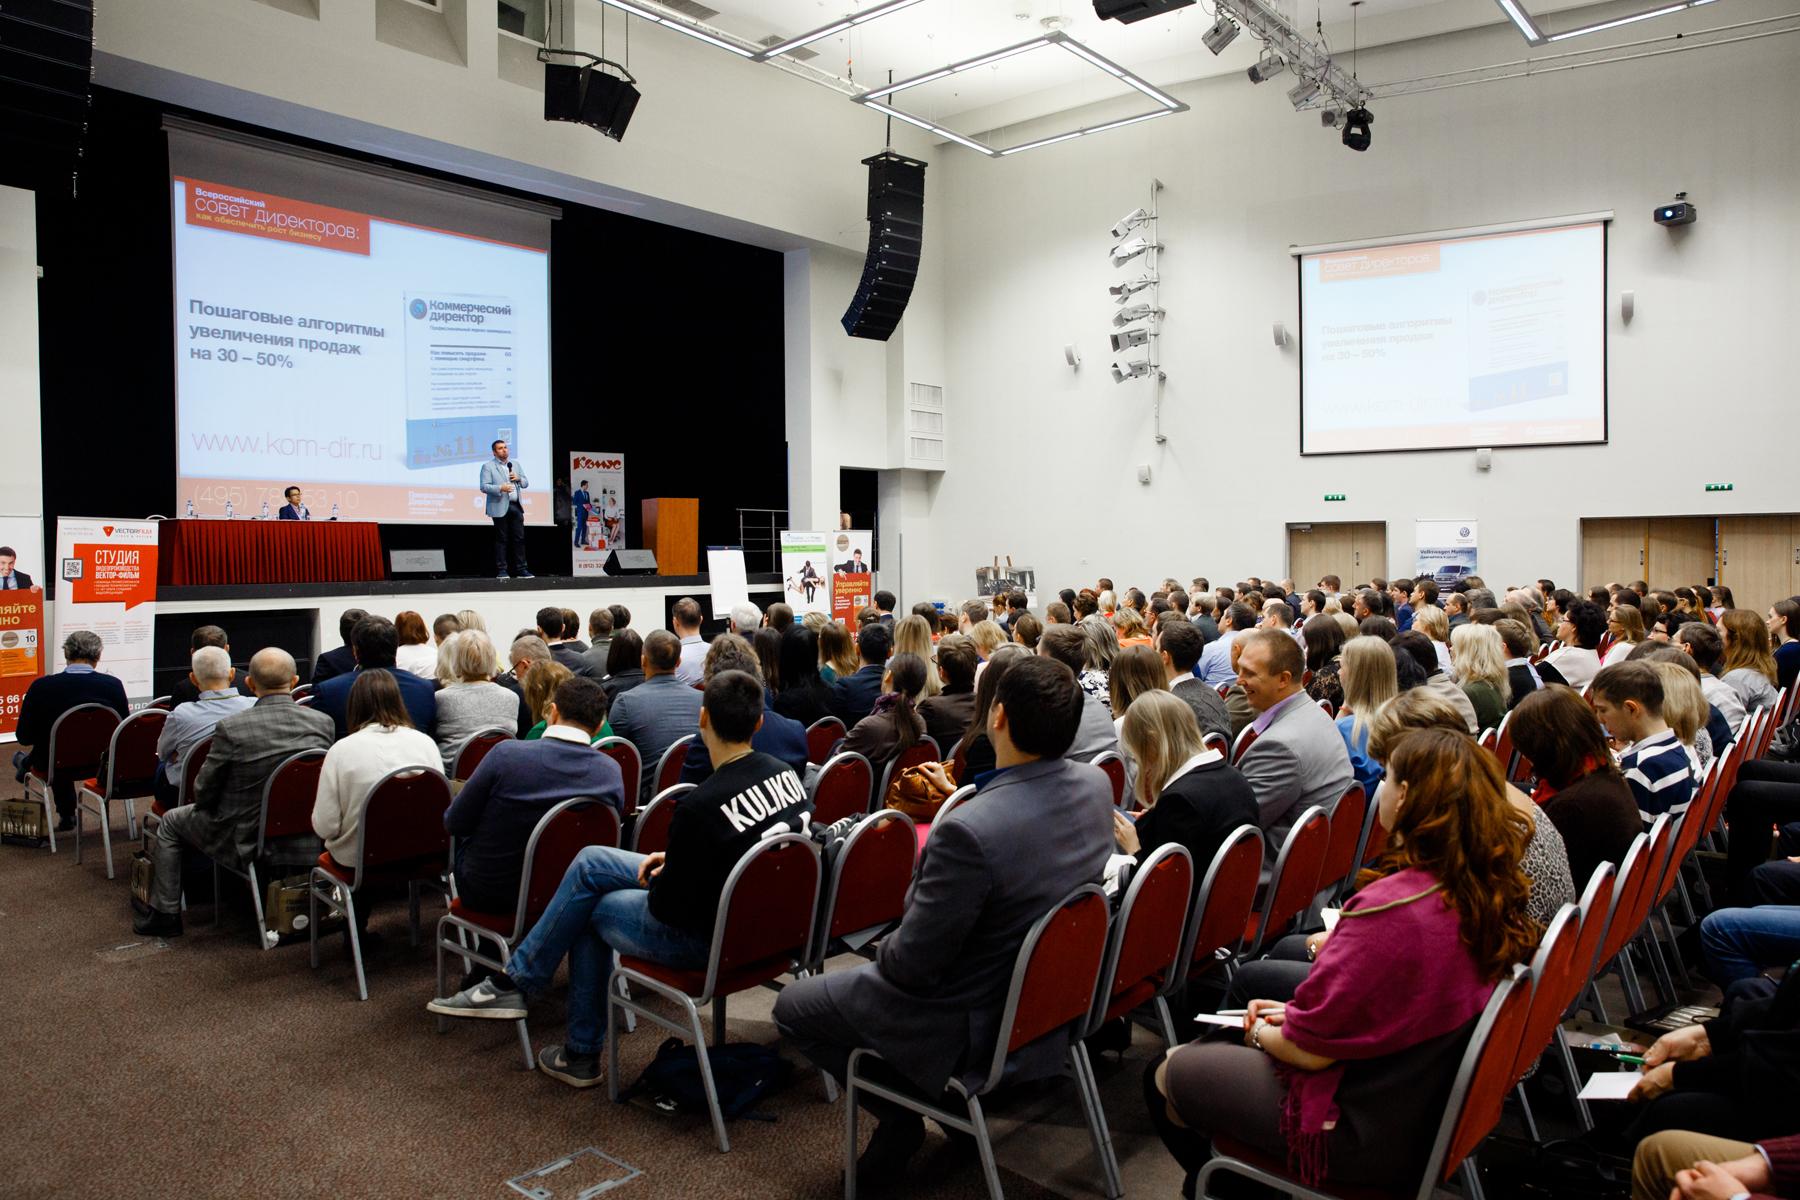 Фольксваген Центры приняли участие во Всероссийском совете директоров